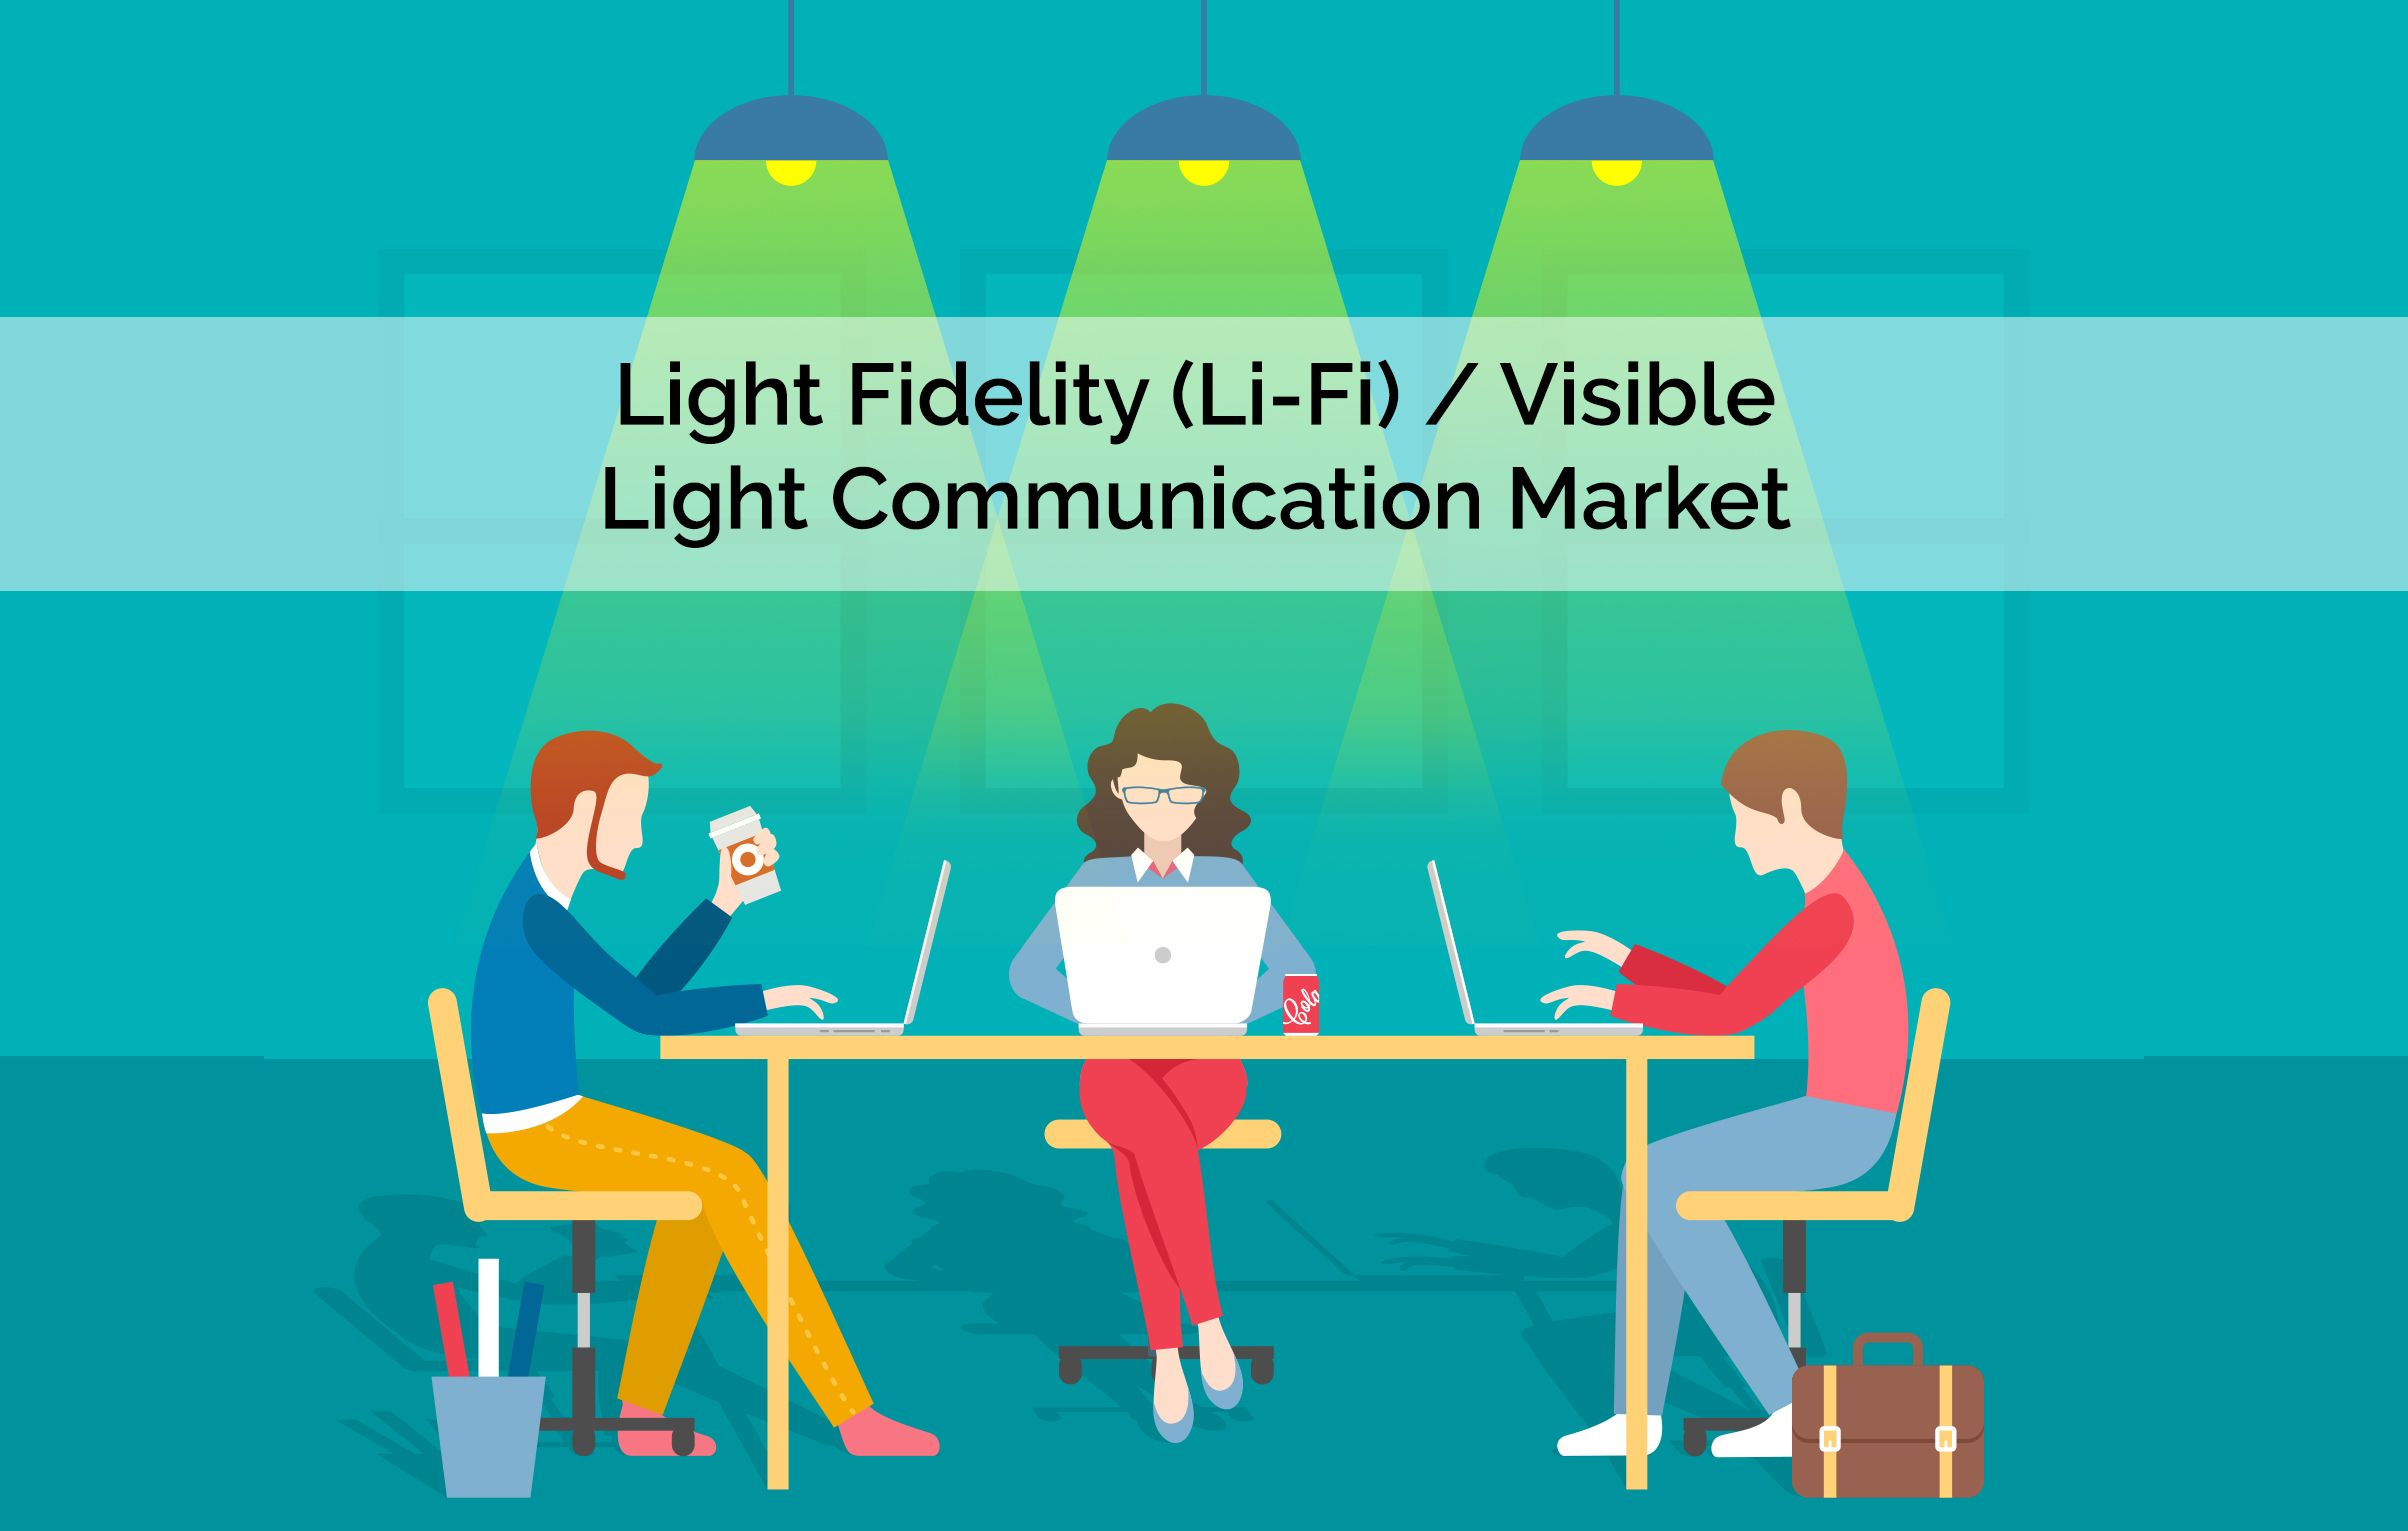 51f6d044ed80 Light Fidelity (Li-Fi)/Visible Light Communication Market to Reach $115  Billion, Globally, by 2022